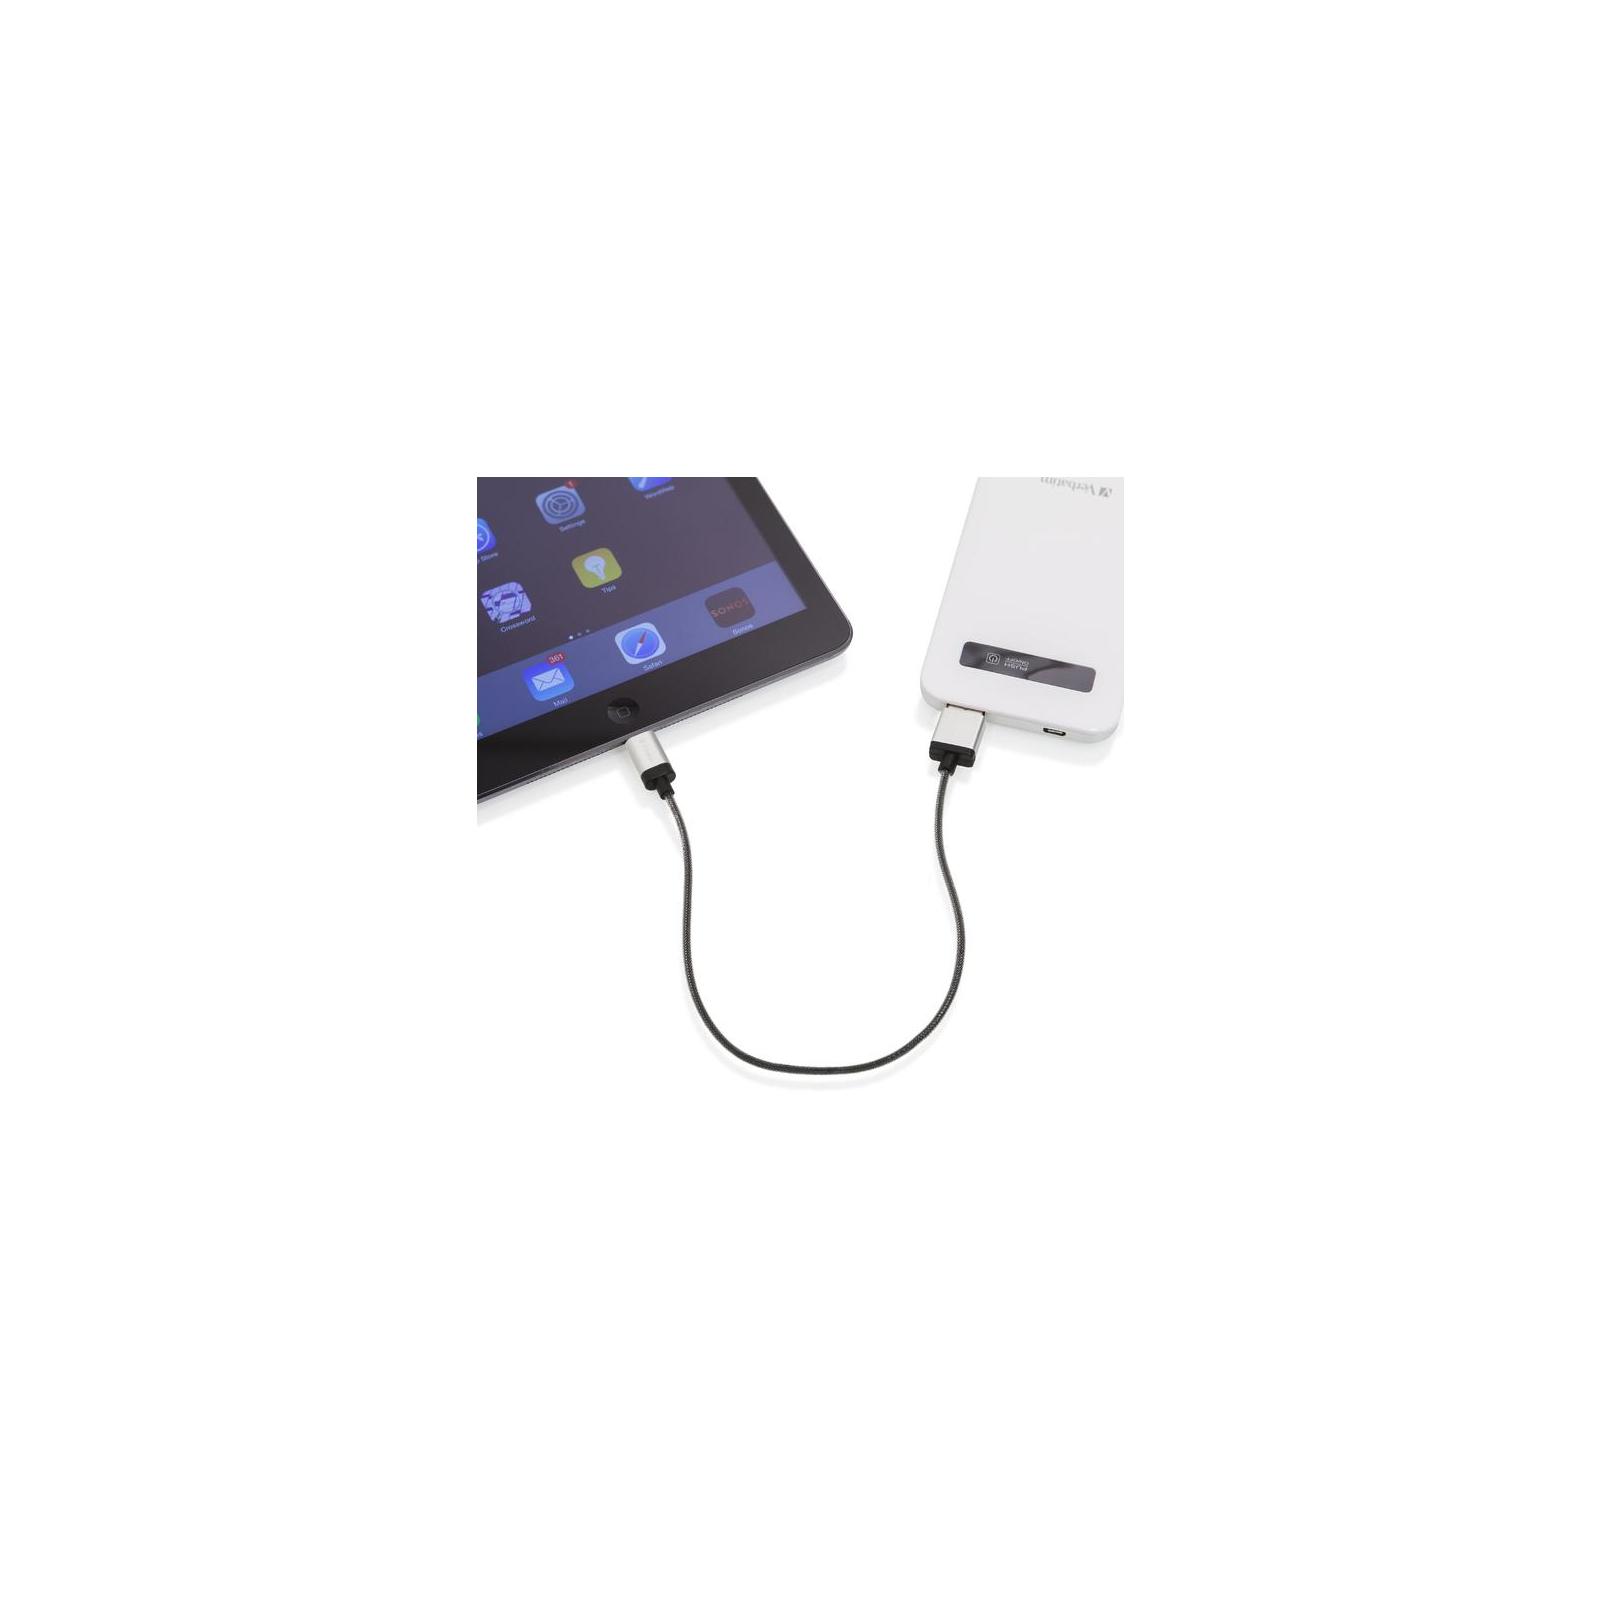 Дата кабель USB 2.0 AM to Lightning 0.3m silver Verbatim (48854) изображение 3